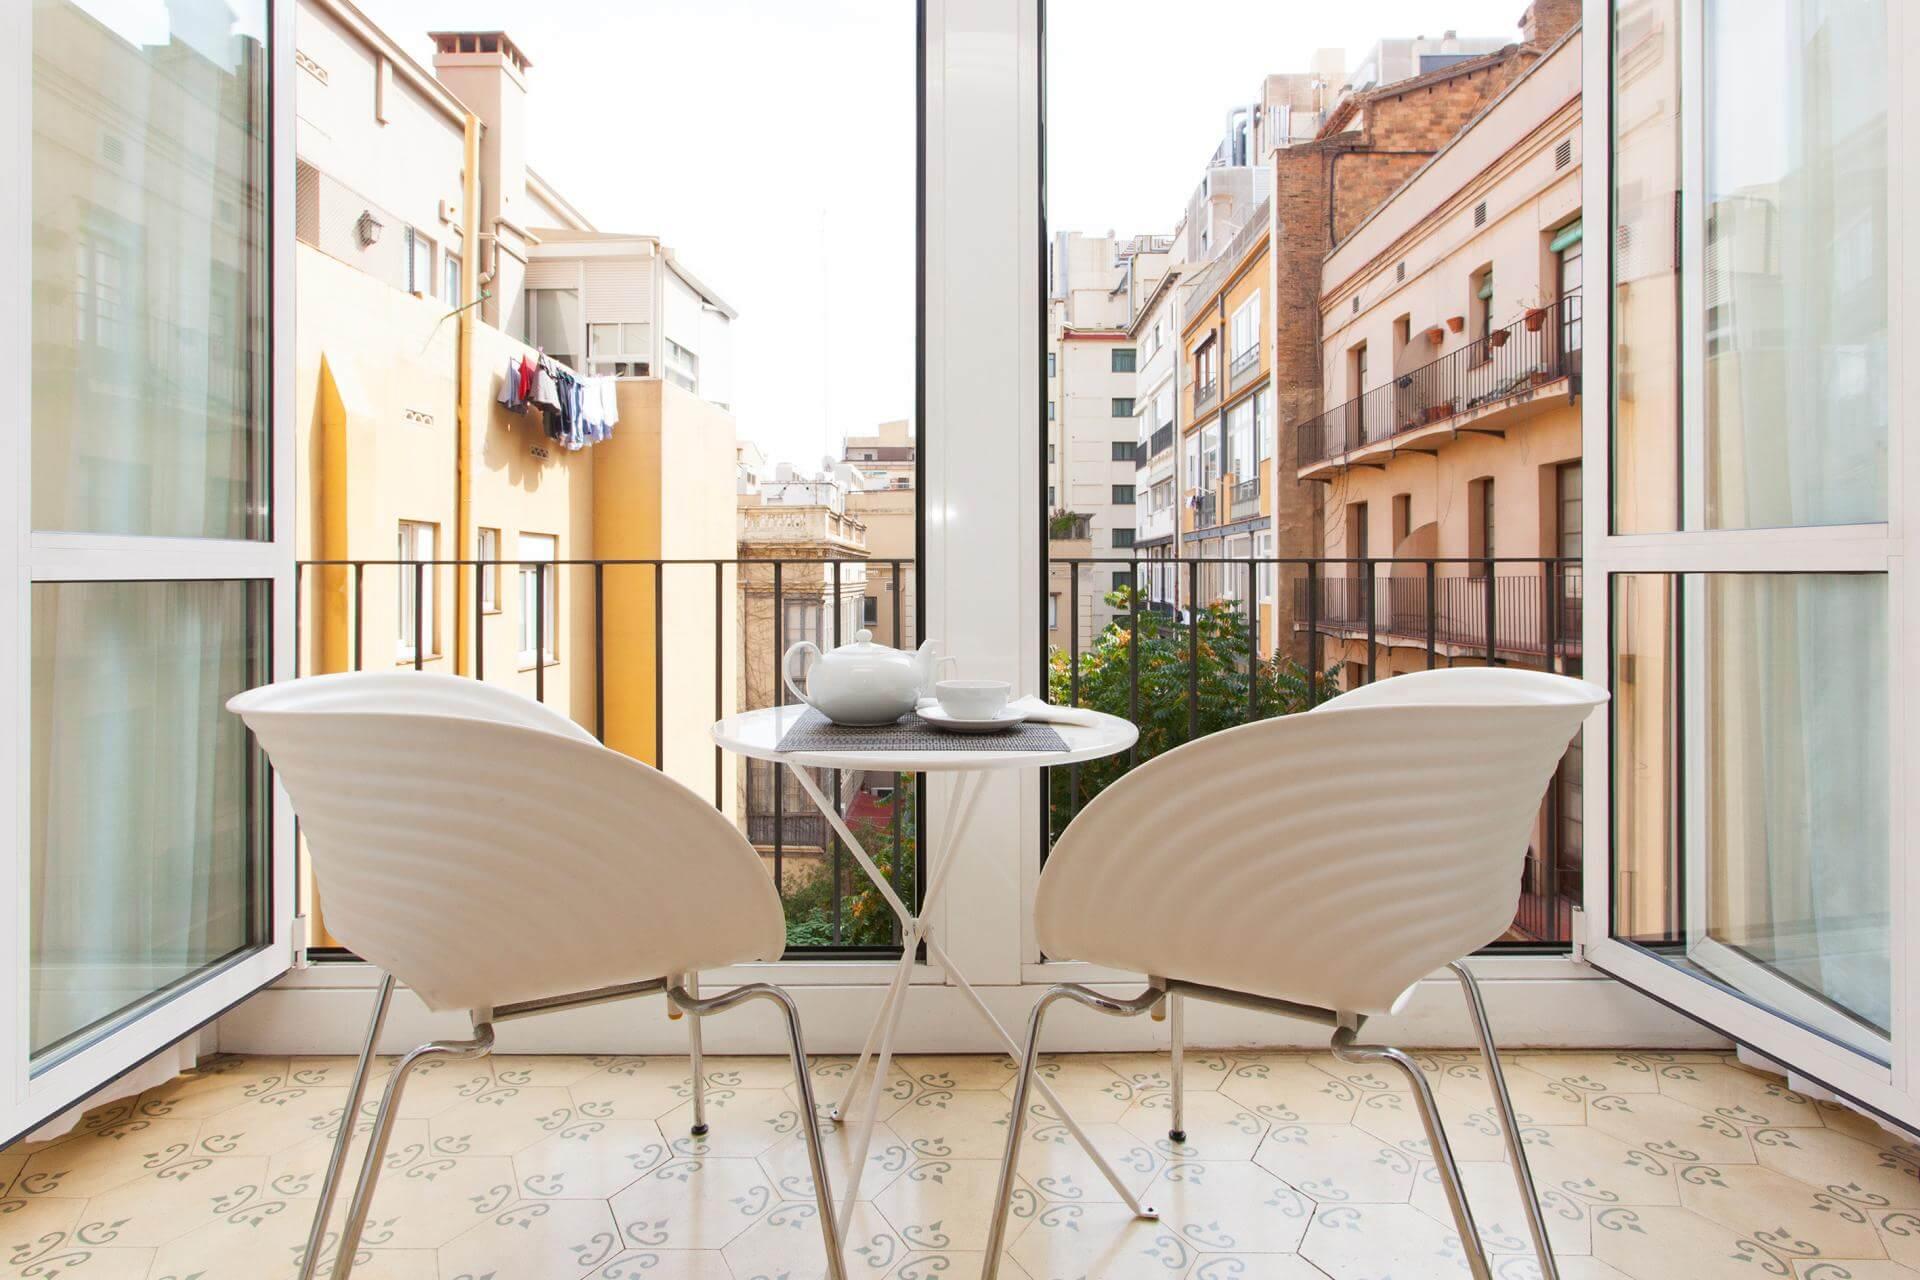 Piso en alojamientos tur sticos barcelona l 39 eixample arago - Pisos turisticos barcelona ...